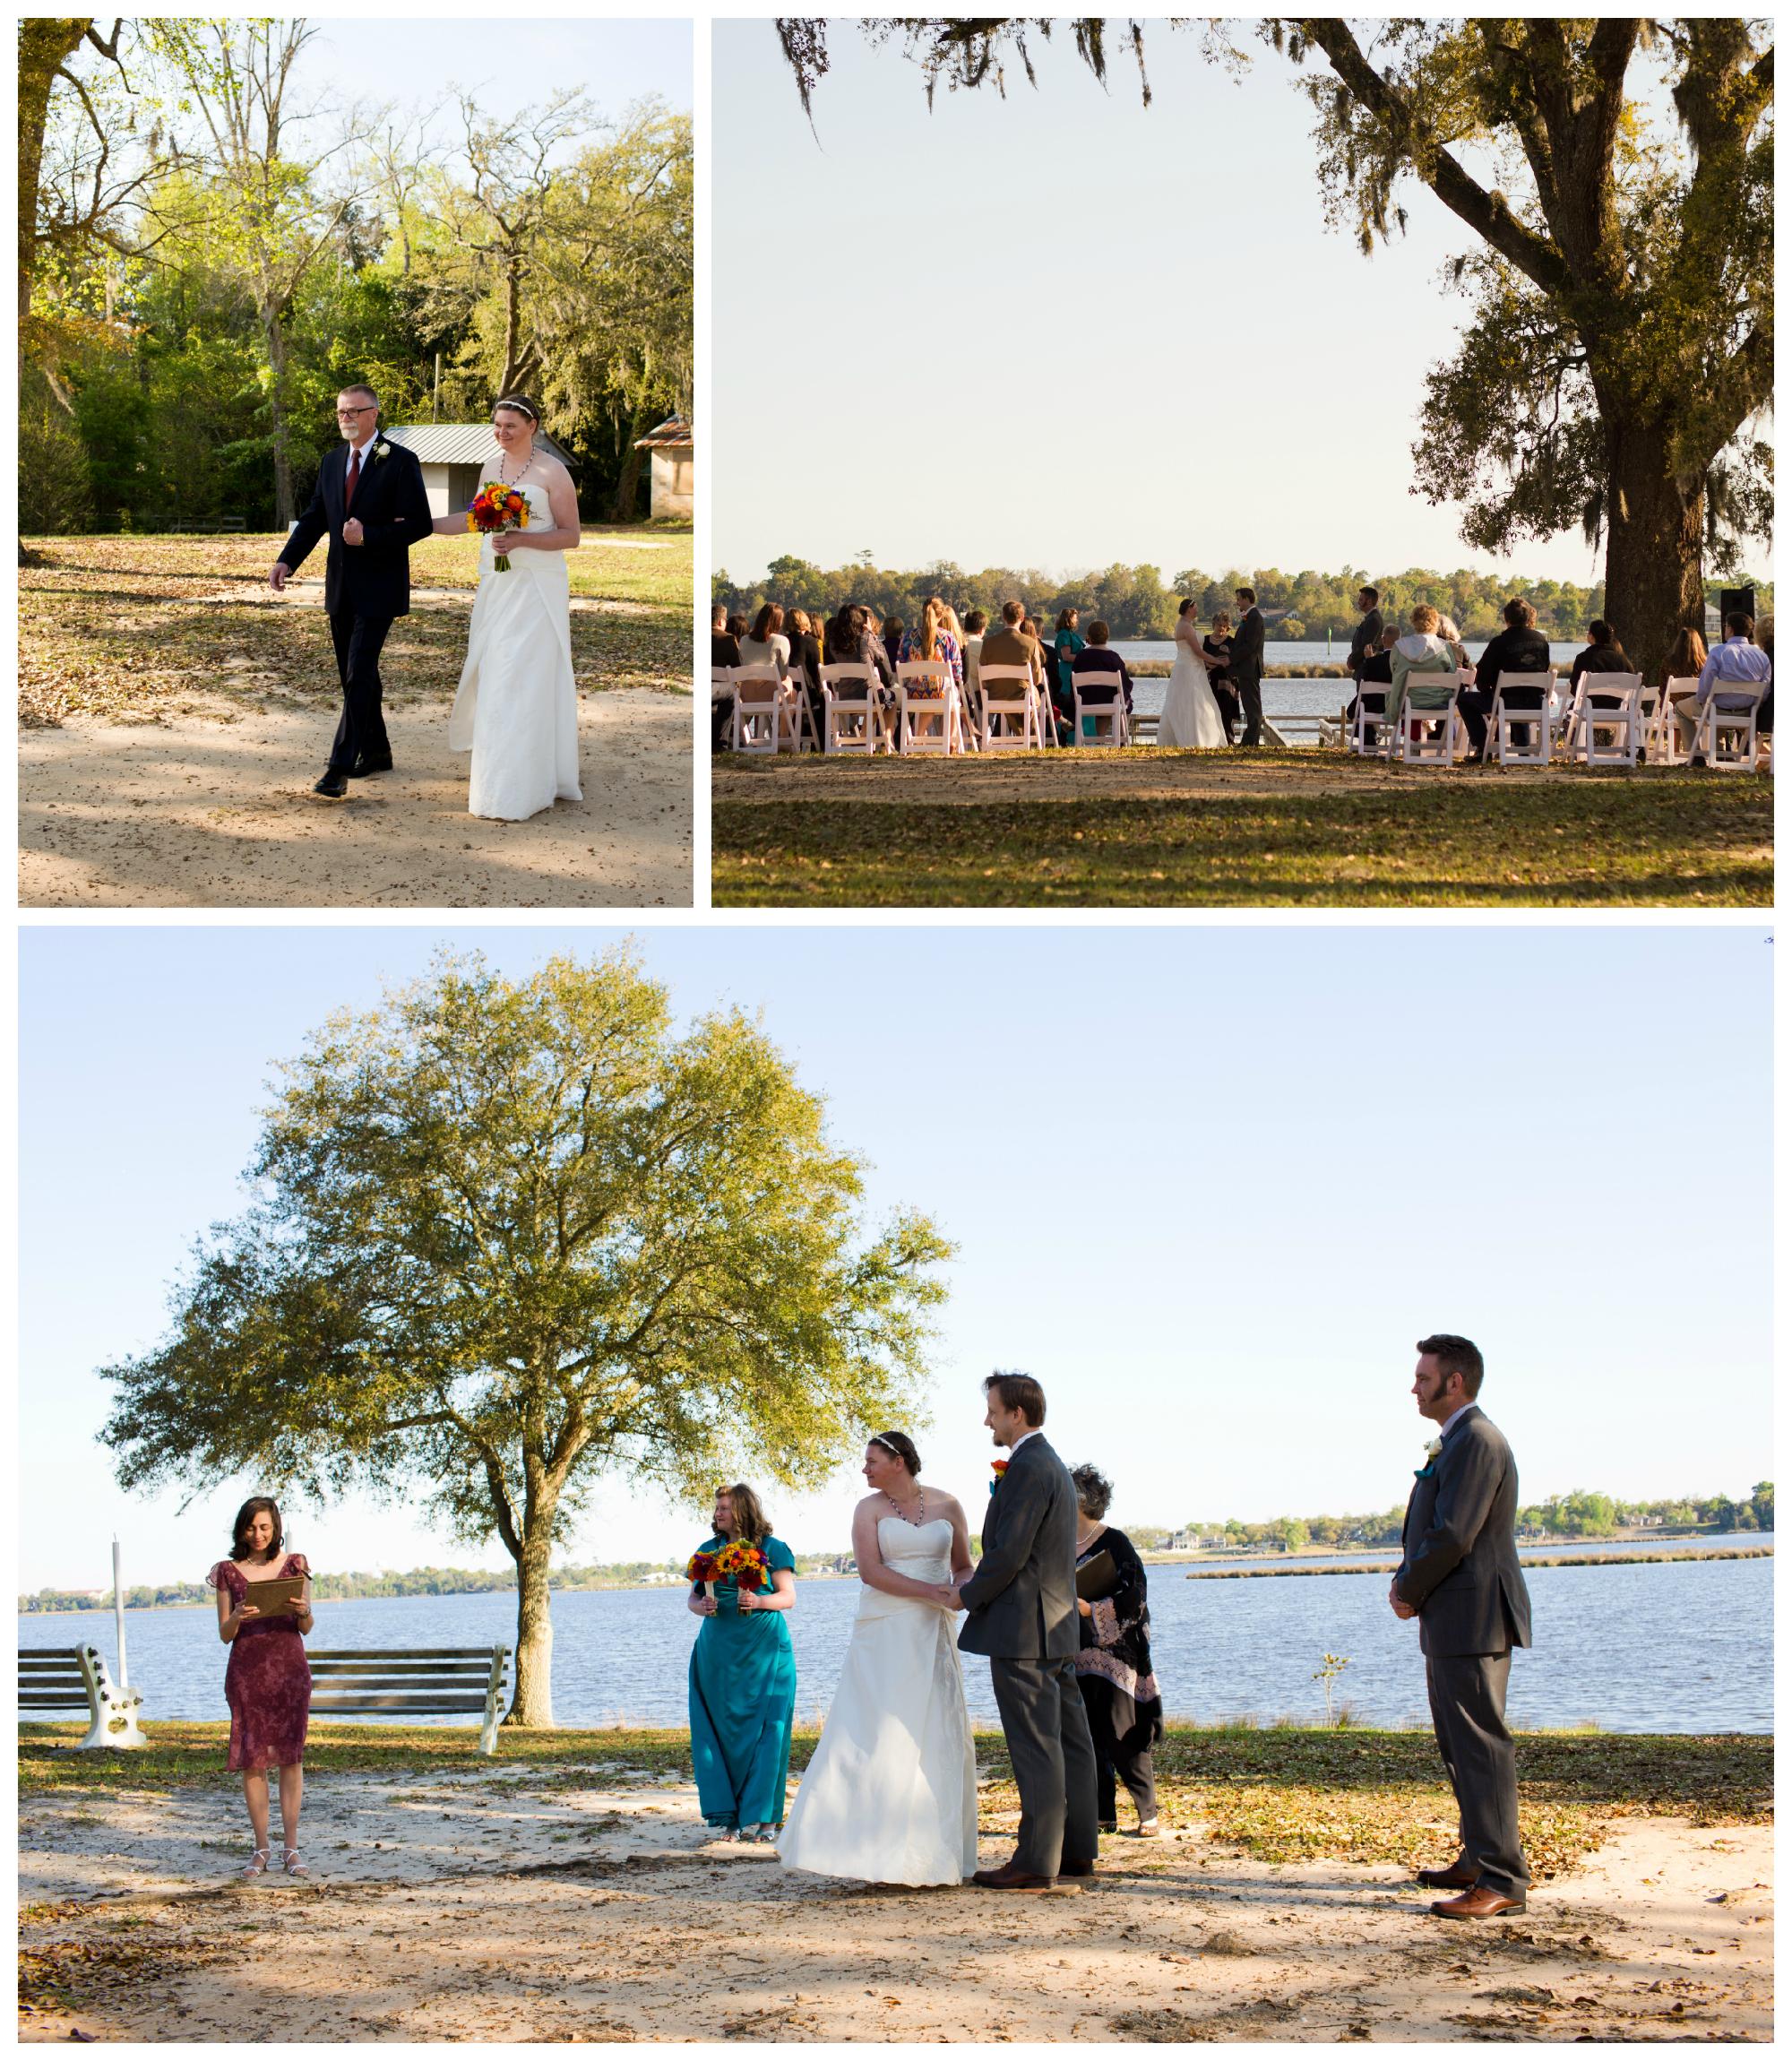 Camp Wilkes Wedding Ceremony